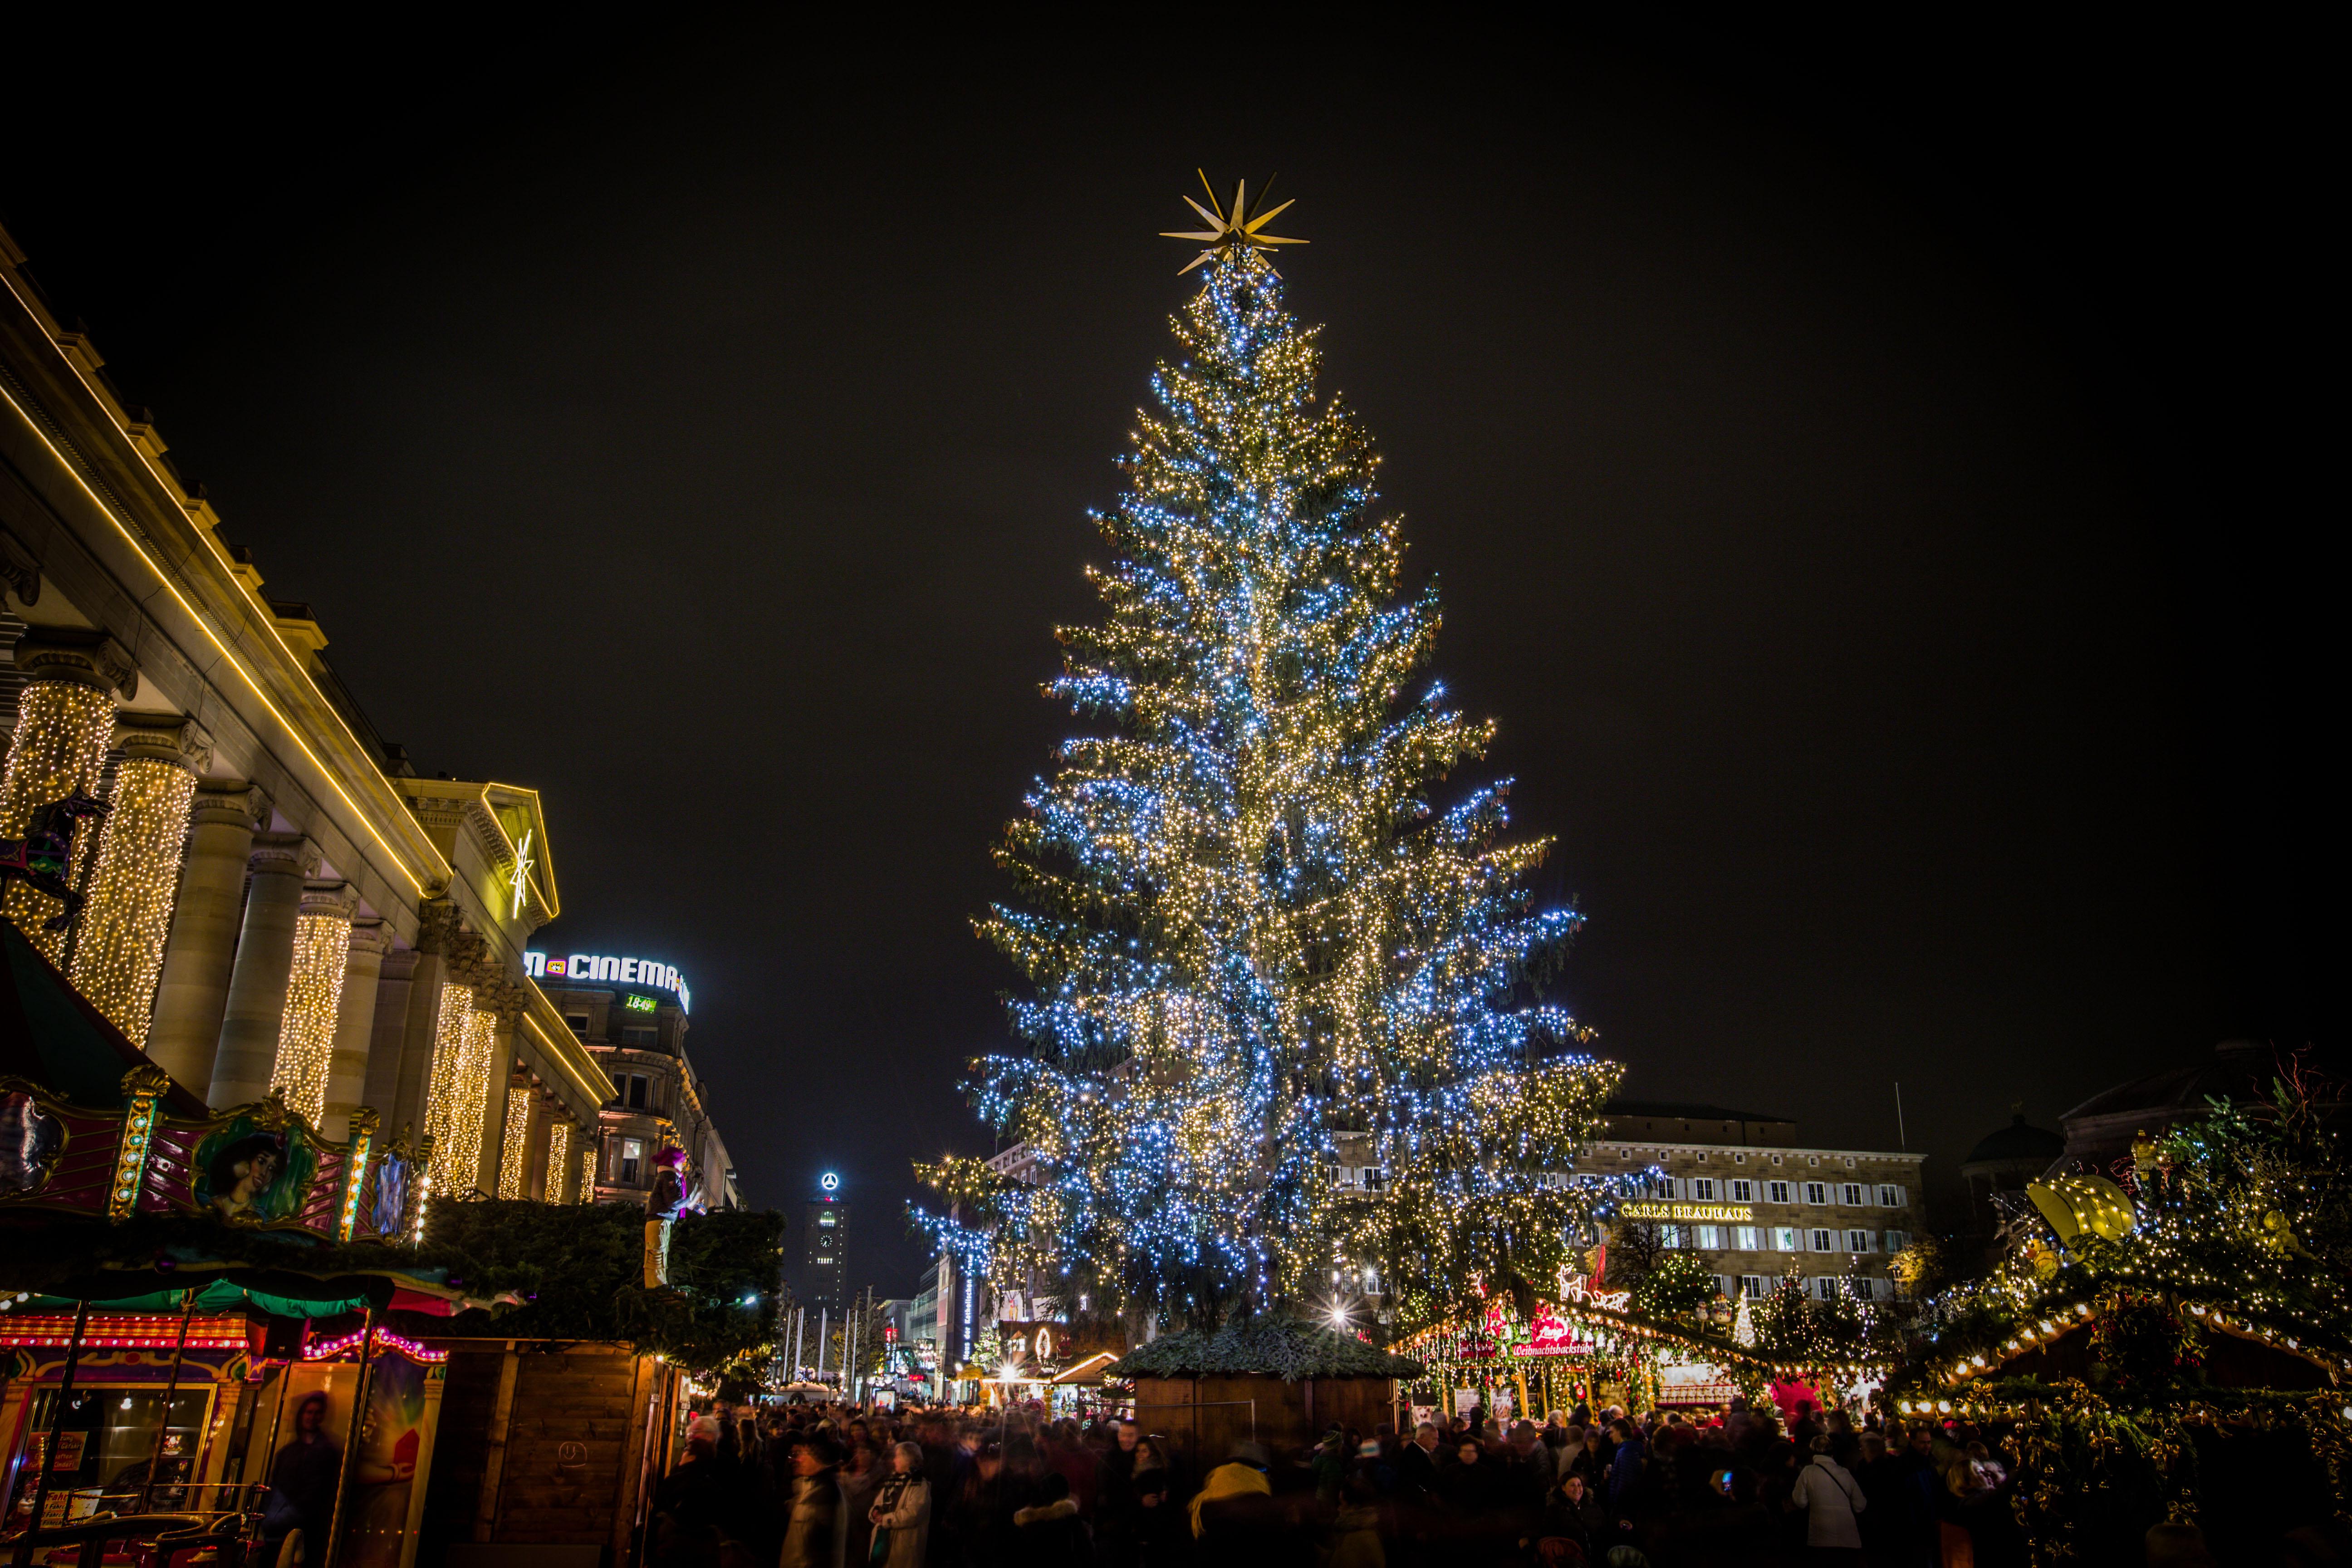 presse stuttgarter weihnachtsmarkt